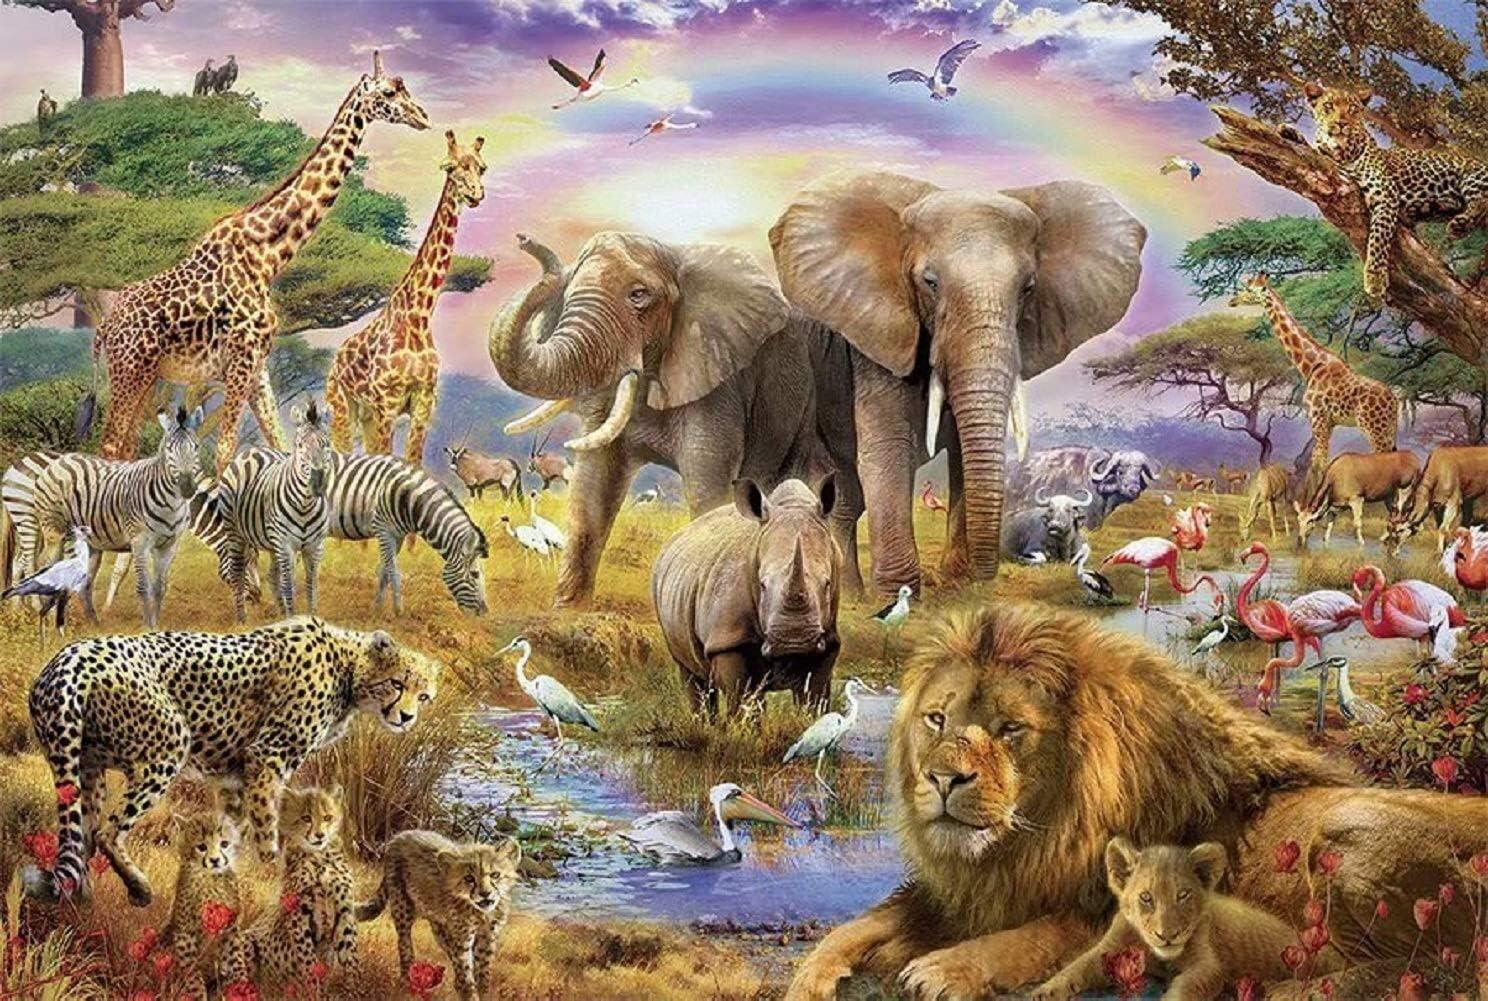 Animales de la selva africana Bestias del bosque Paisaje del atardecer del arco iris, Rompecabezas de madera for adultos Niños, 1000 Piezas for Boy Girl Friends Regalo Juguetes Juego Decoración del ho